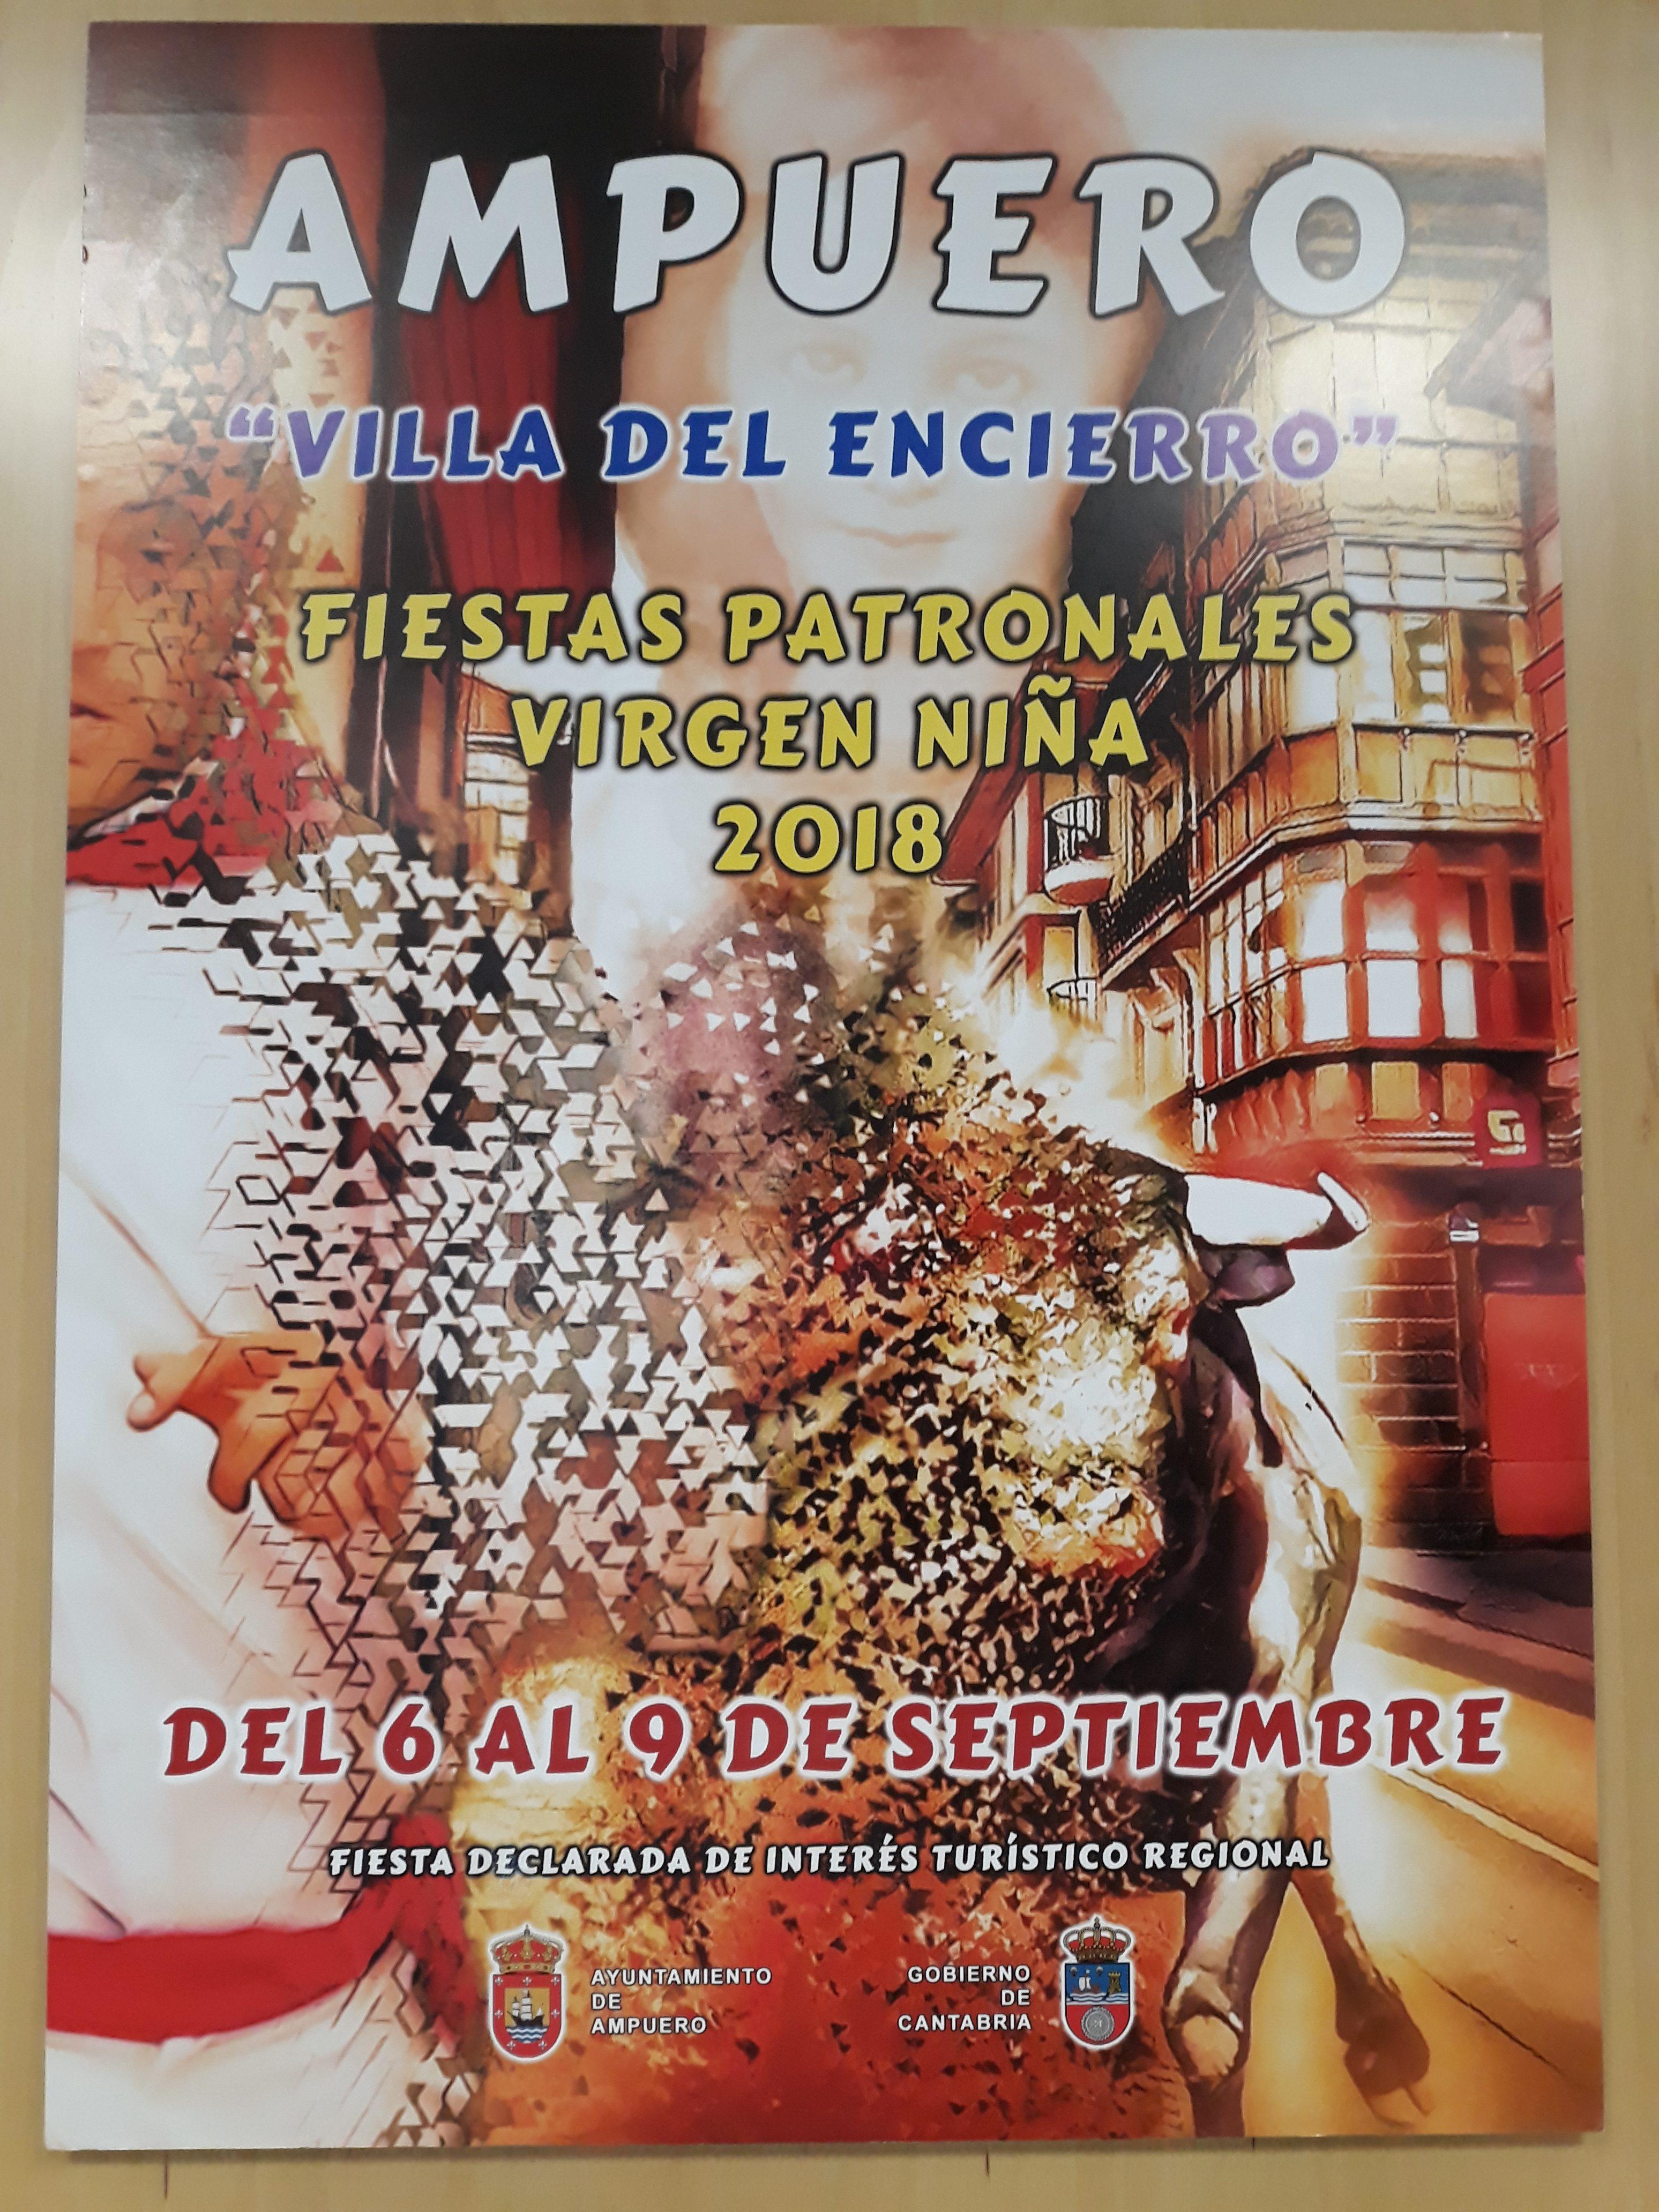 Resuelto el Concurso de Carteles Fiestas patronales Virgen Niña 2018